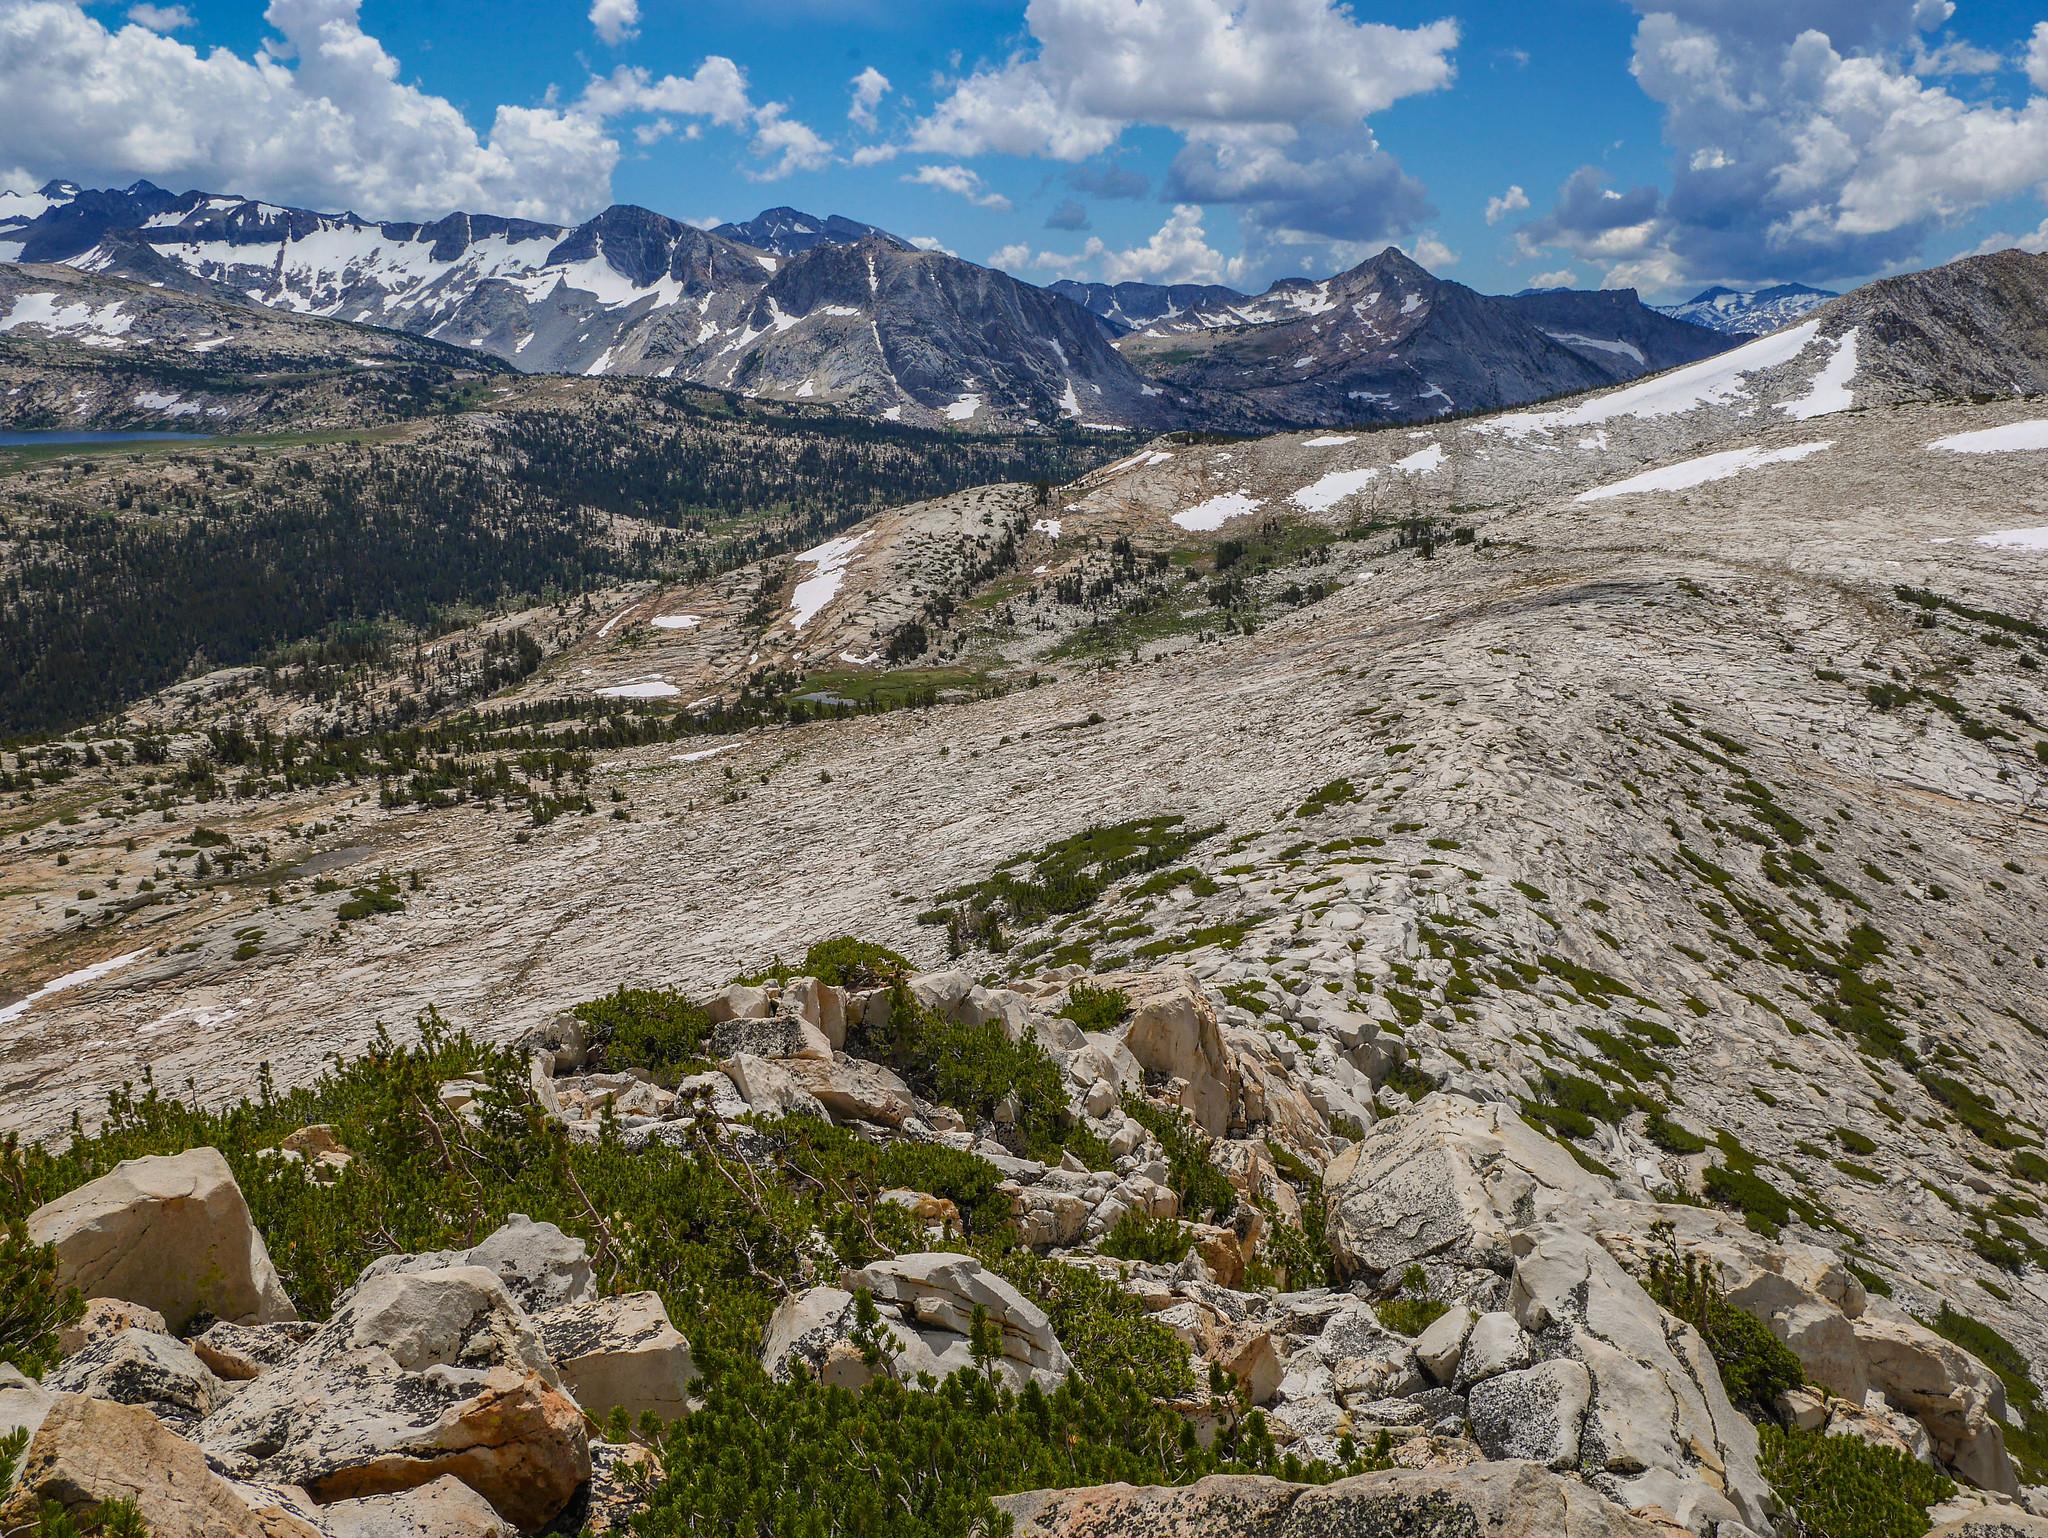 View from Johnson Peak